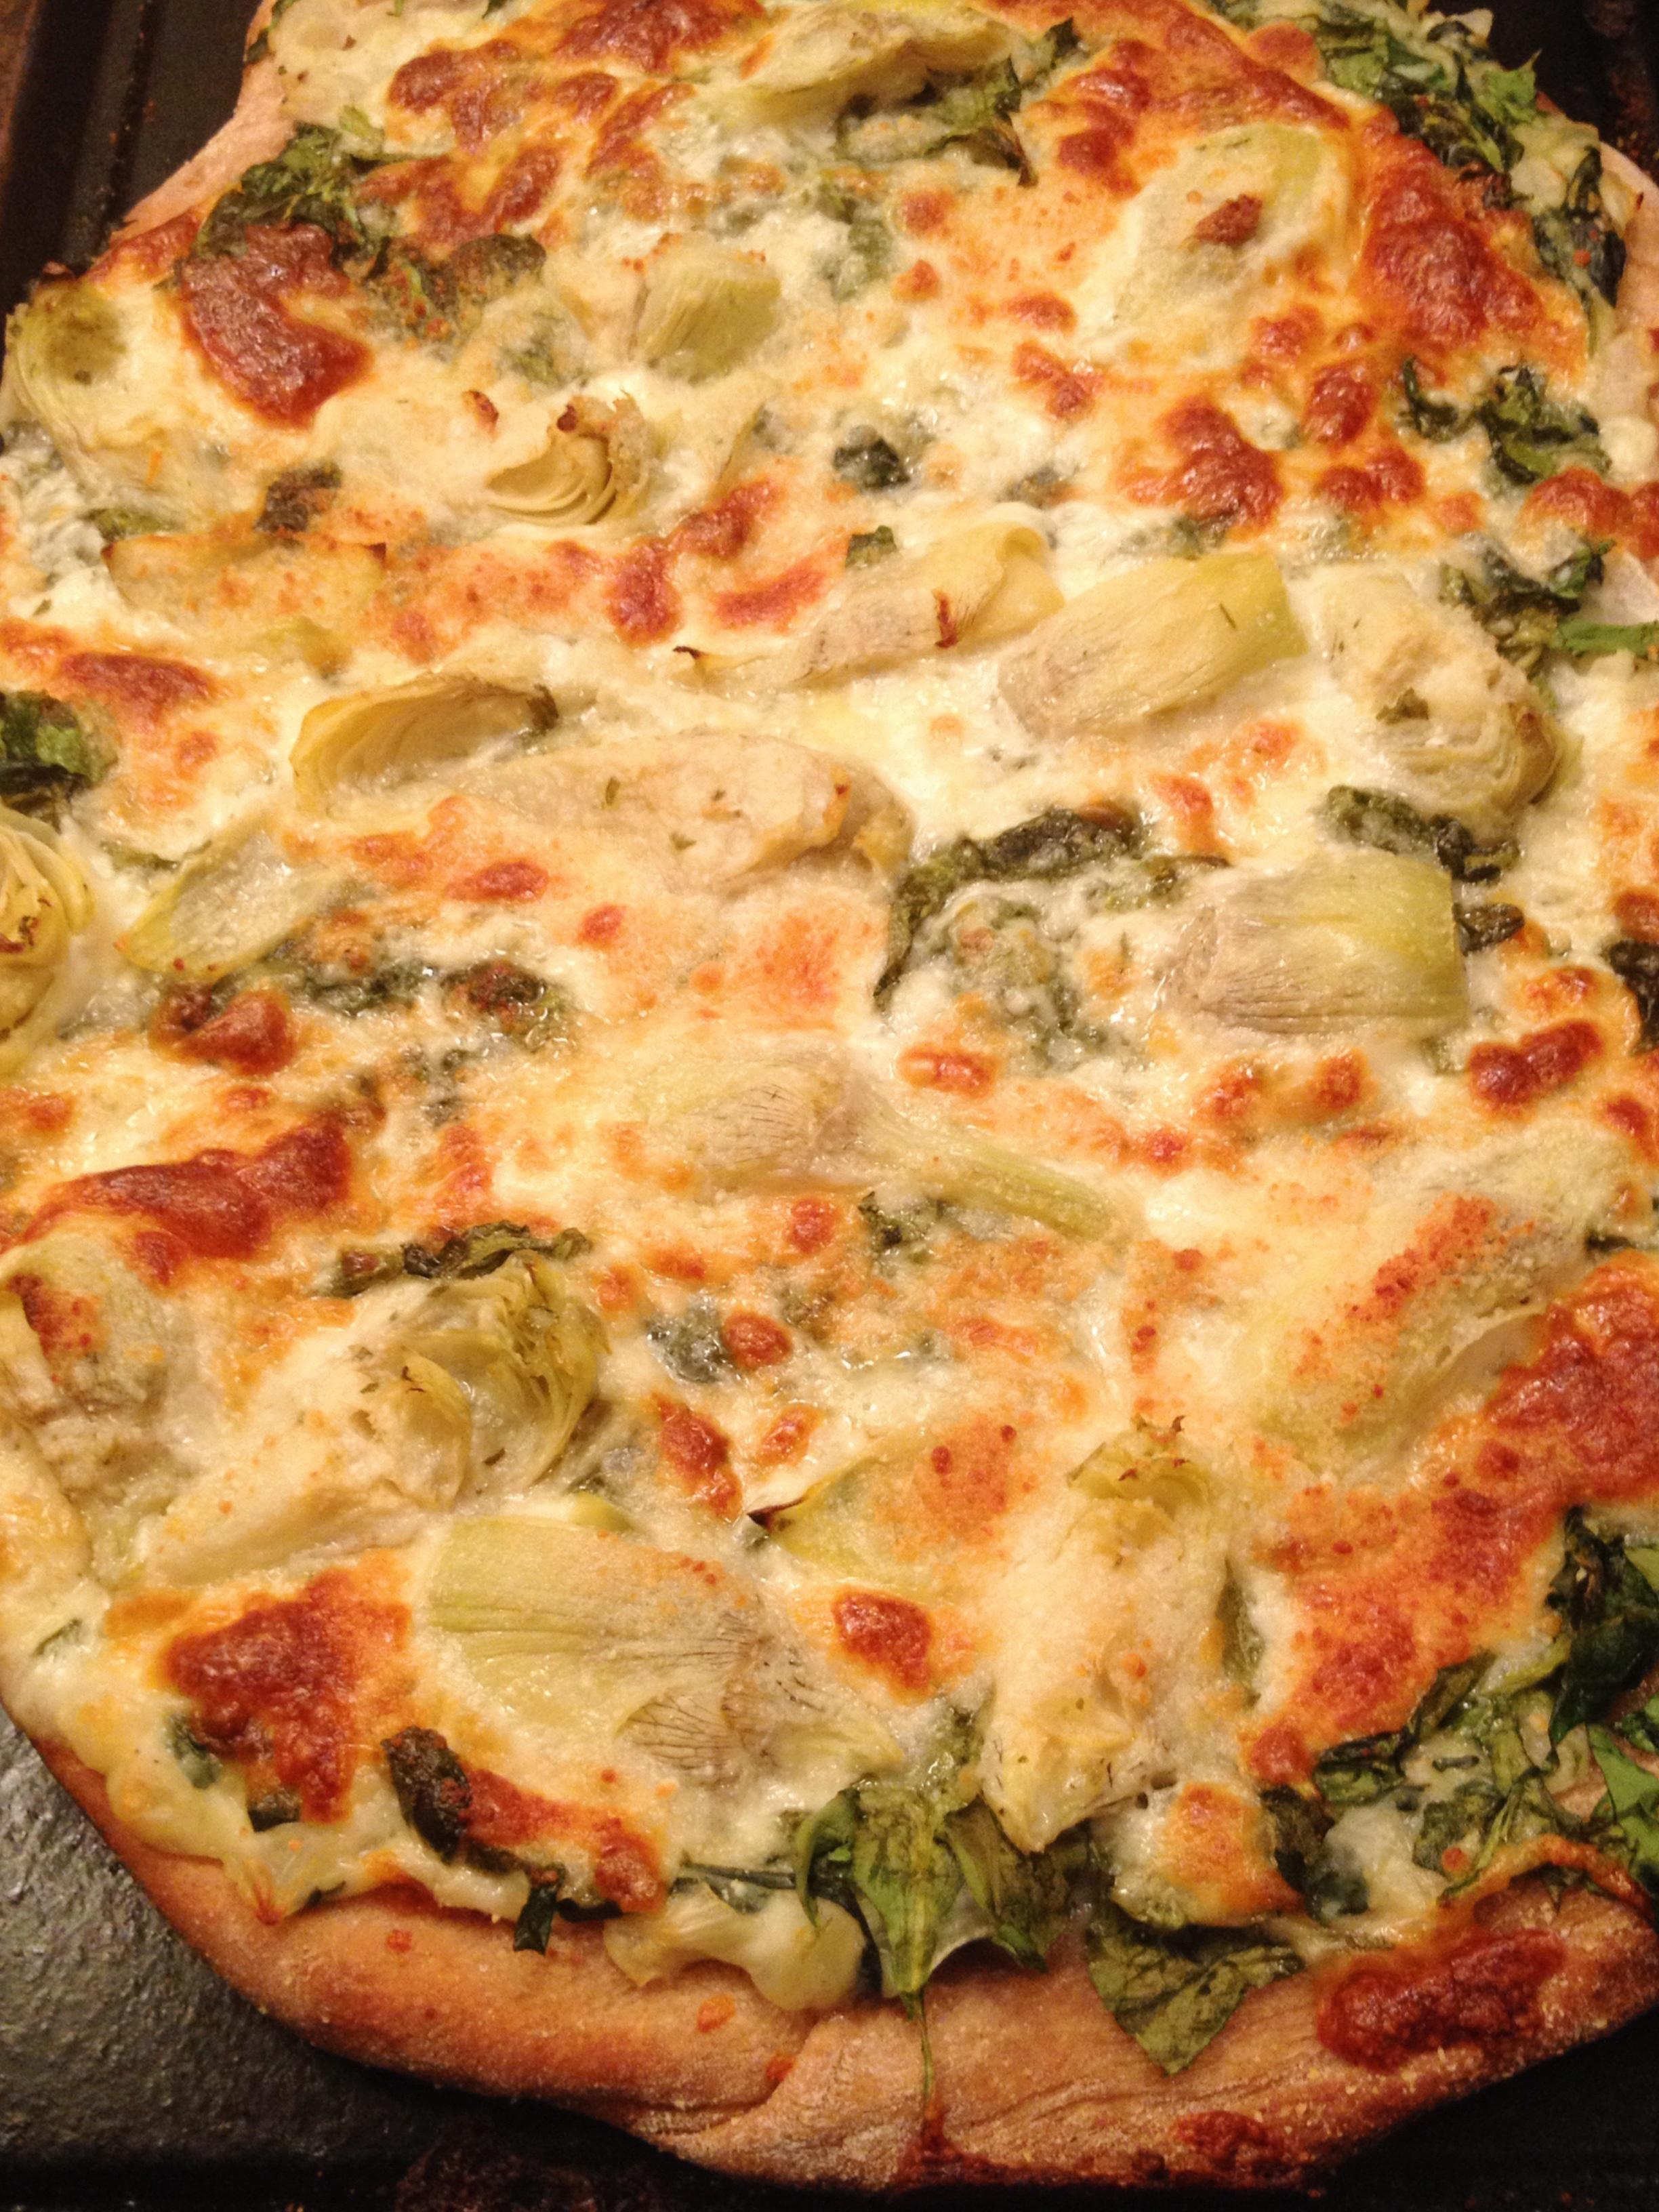 Artichoke & Spinach Pizza | T.W.O.